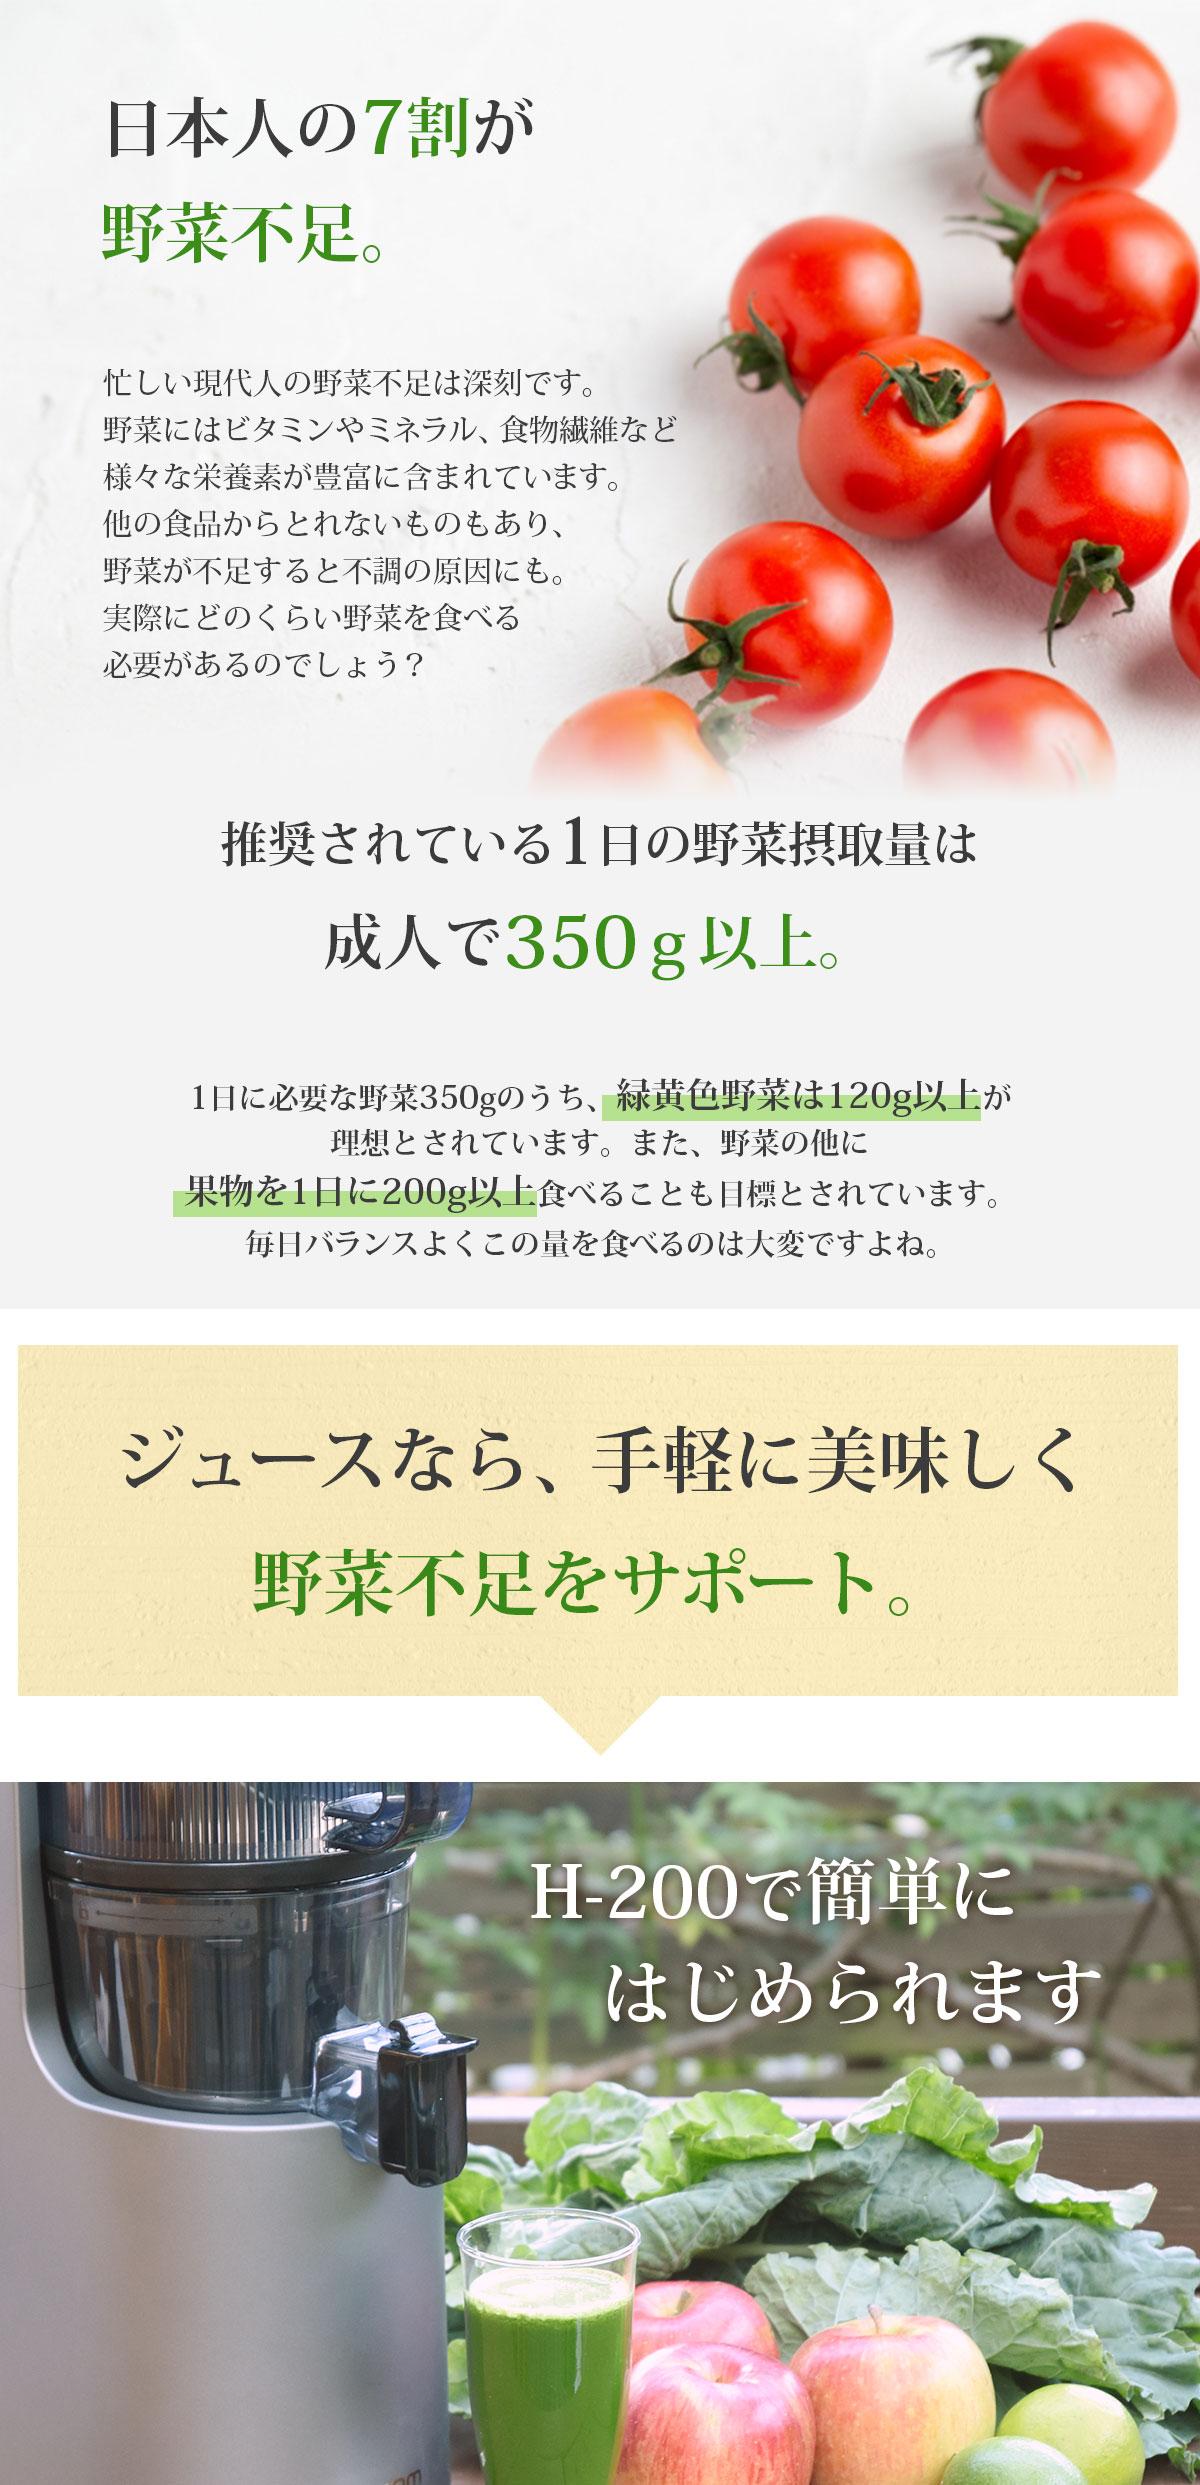 日本人の7割が野菜不足 推奨されている1日の野菜摂取量は成人で350g以上